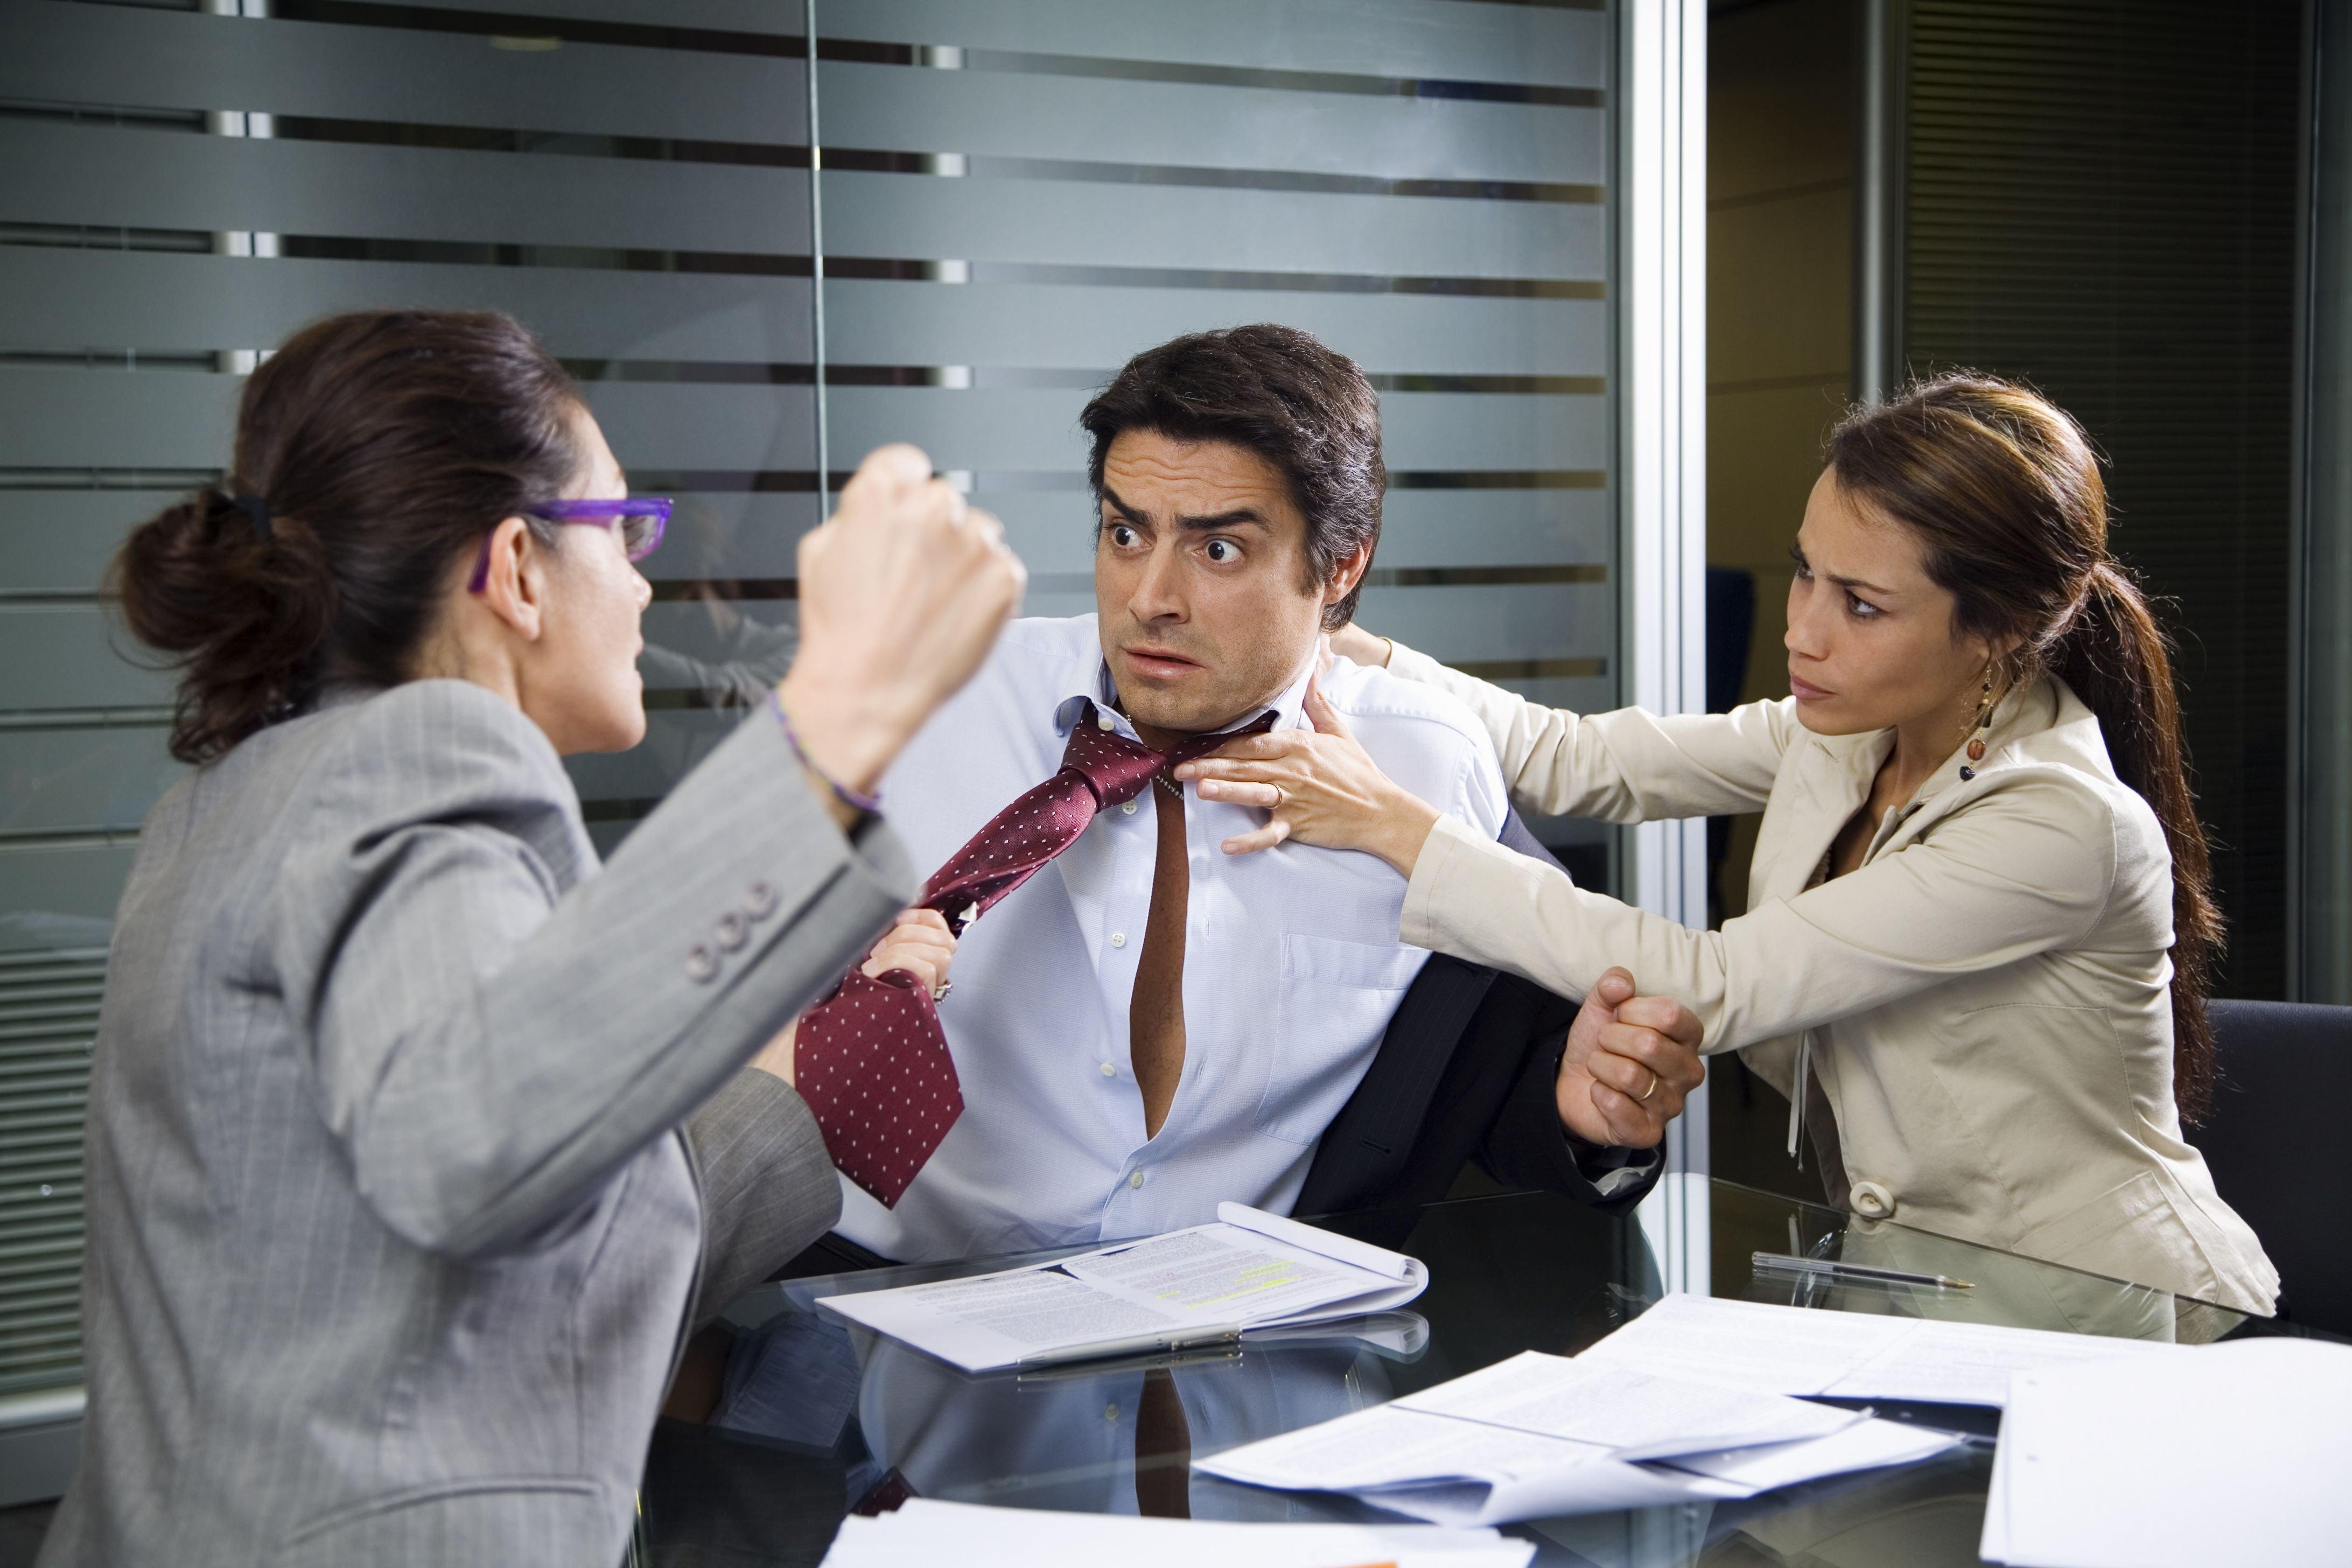 Картинки с конфликтами на работе